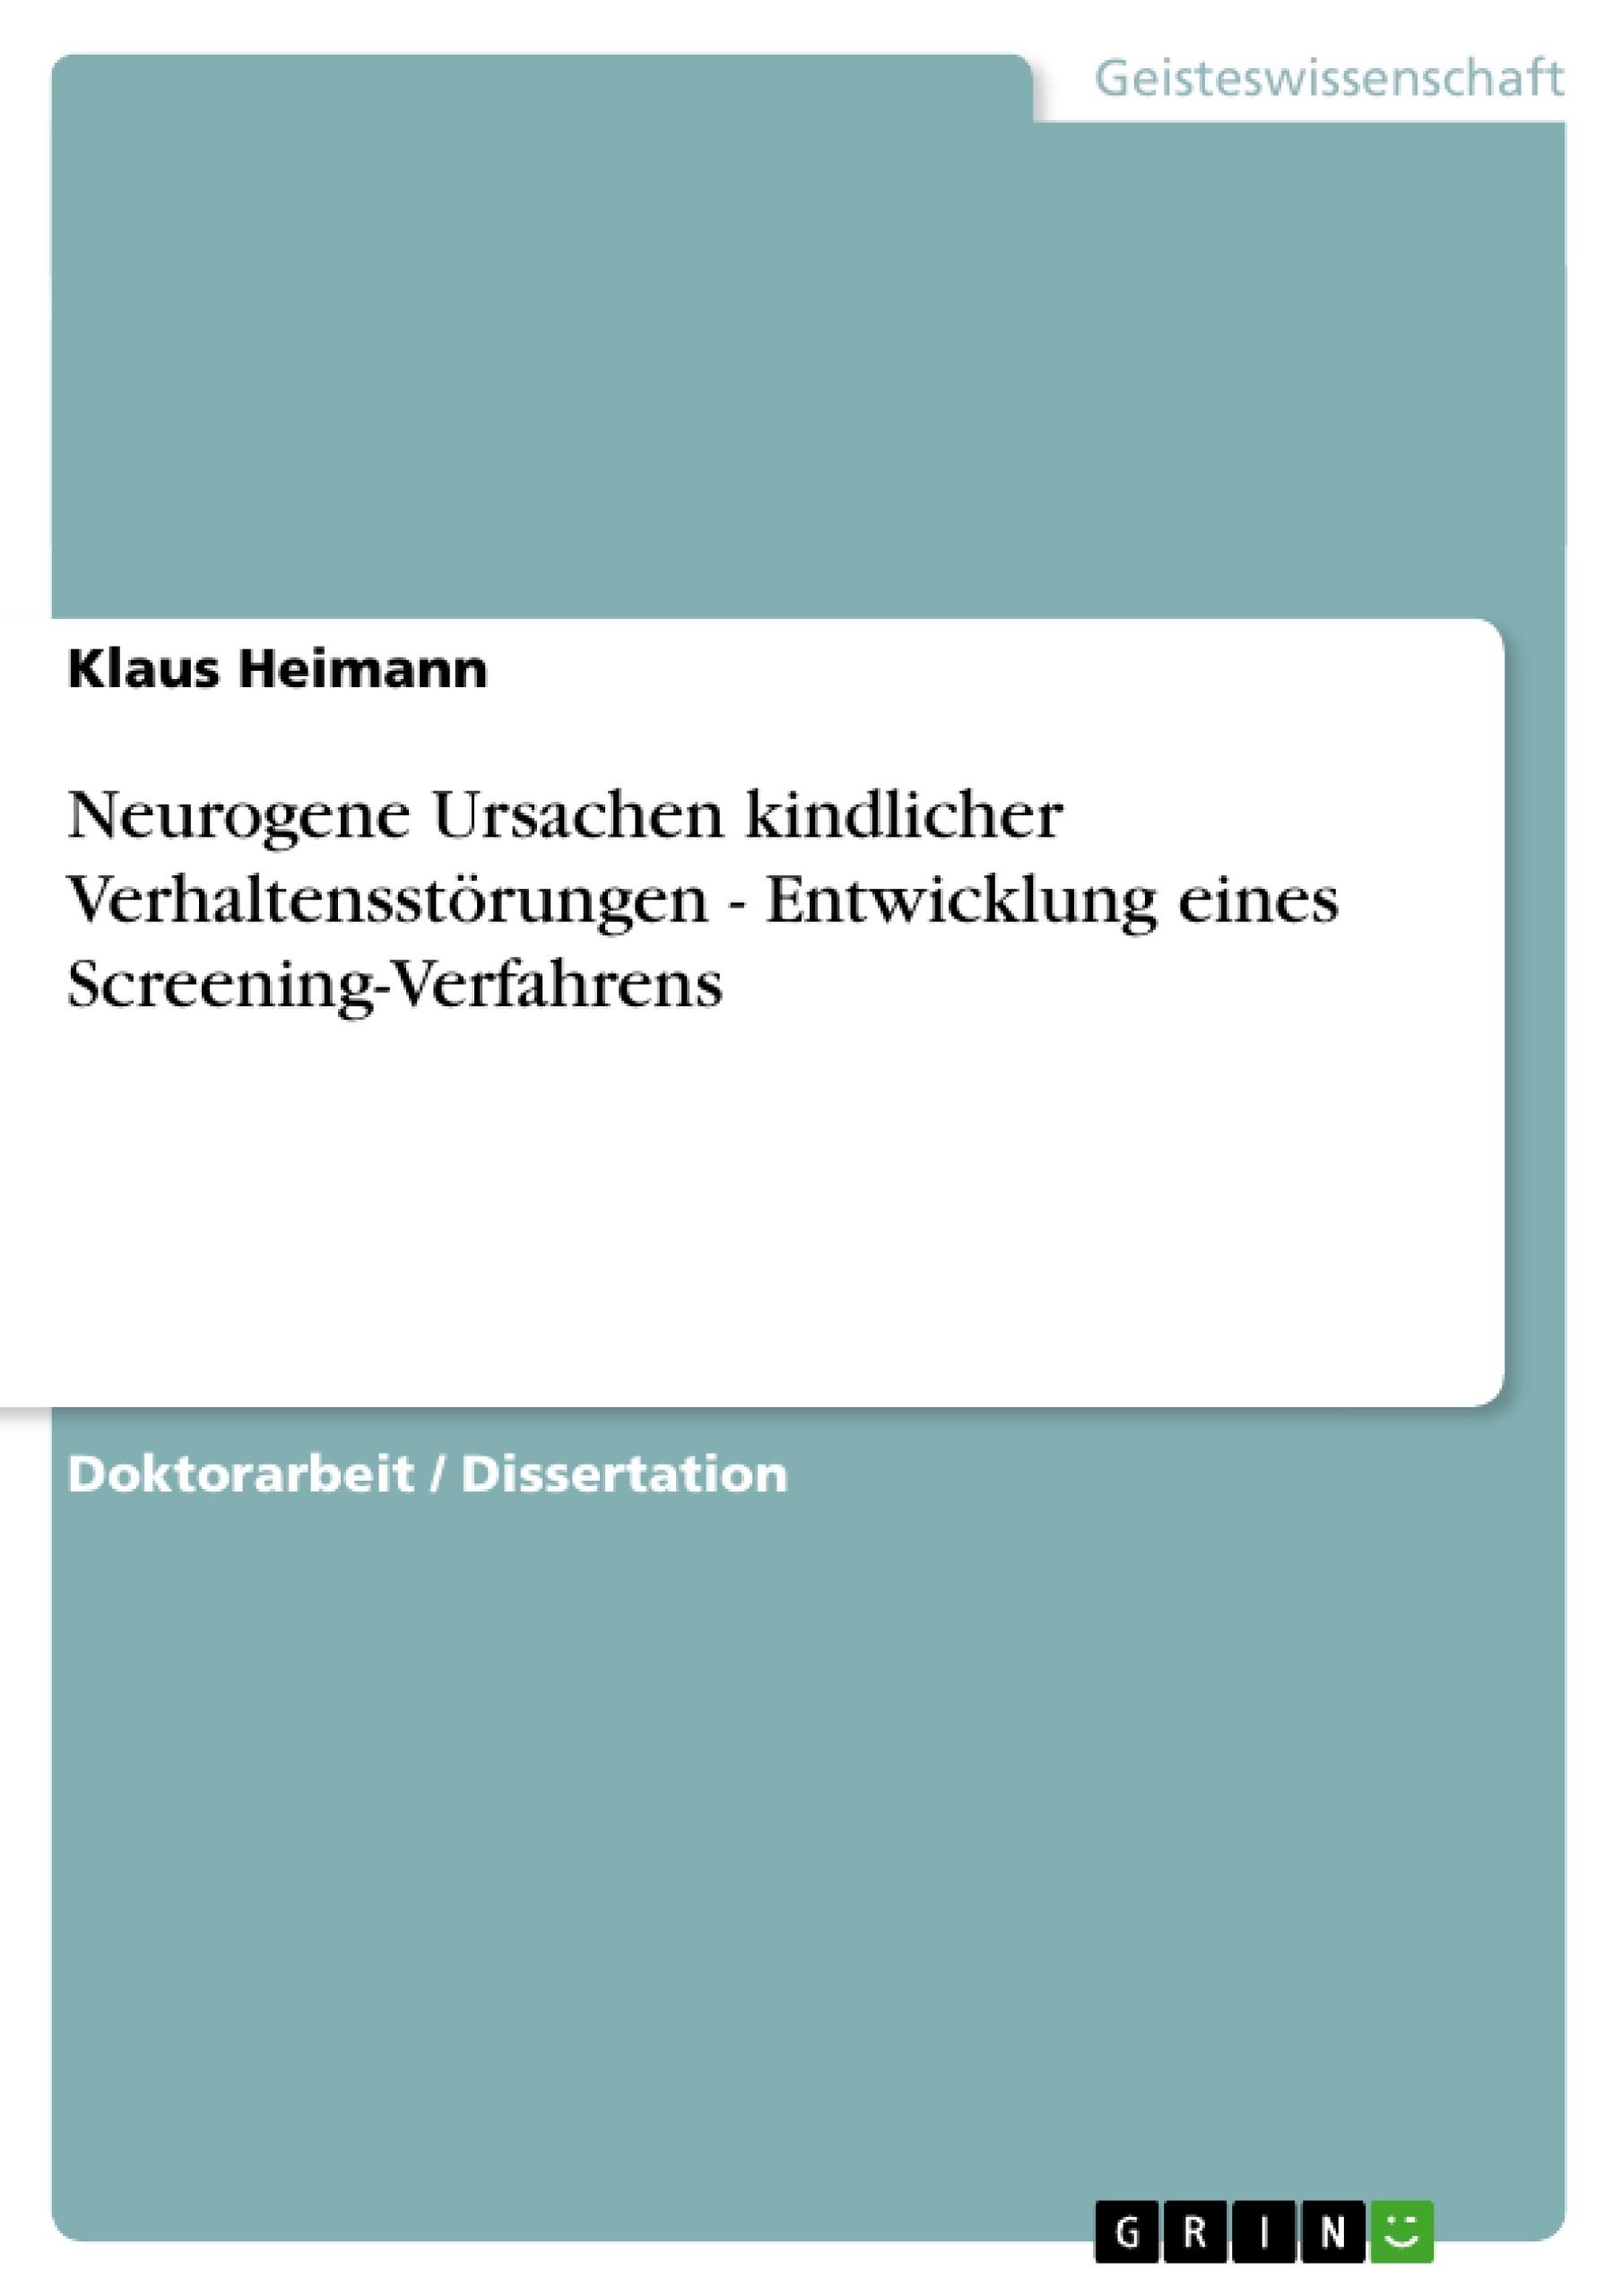 Titel: Neurogene Ursachen kindlicher Verhaltensstörungen - Entwicklung eines Screening-Verfahrens